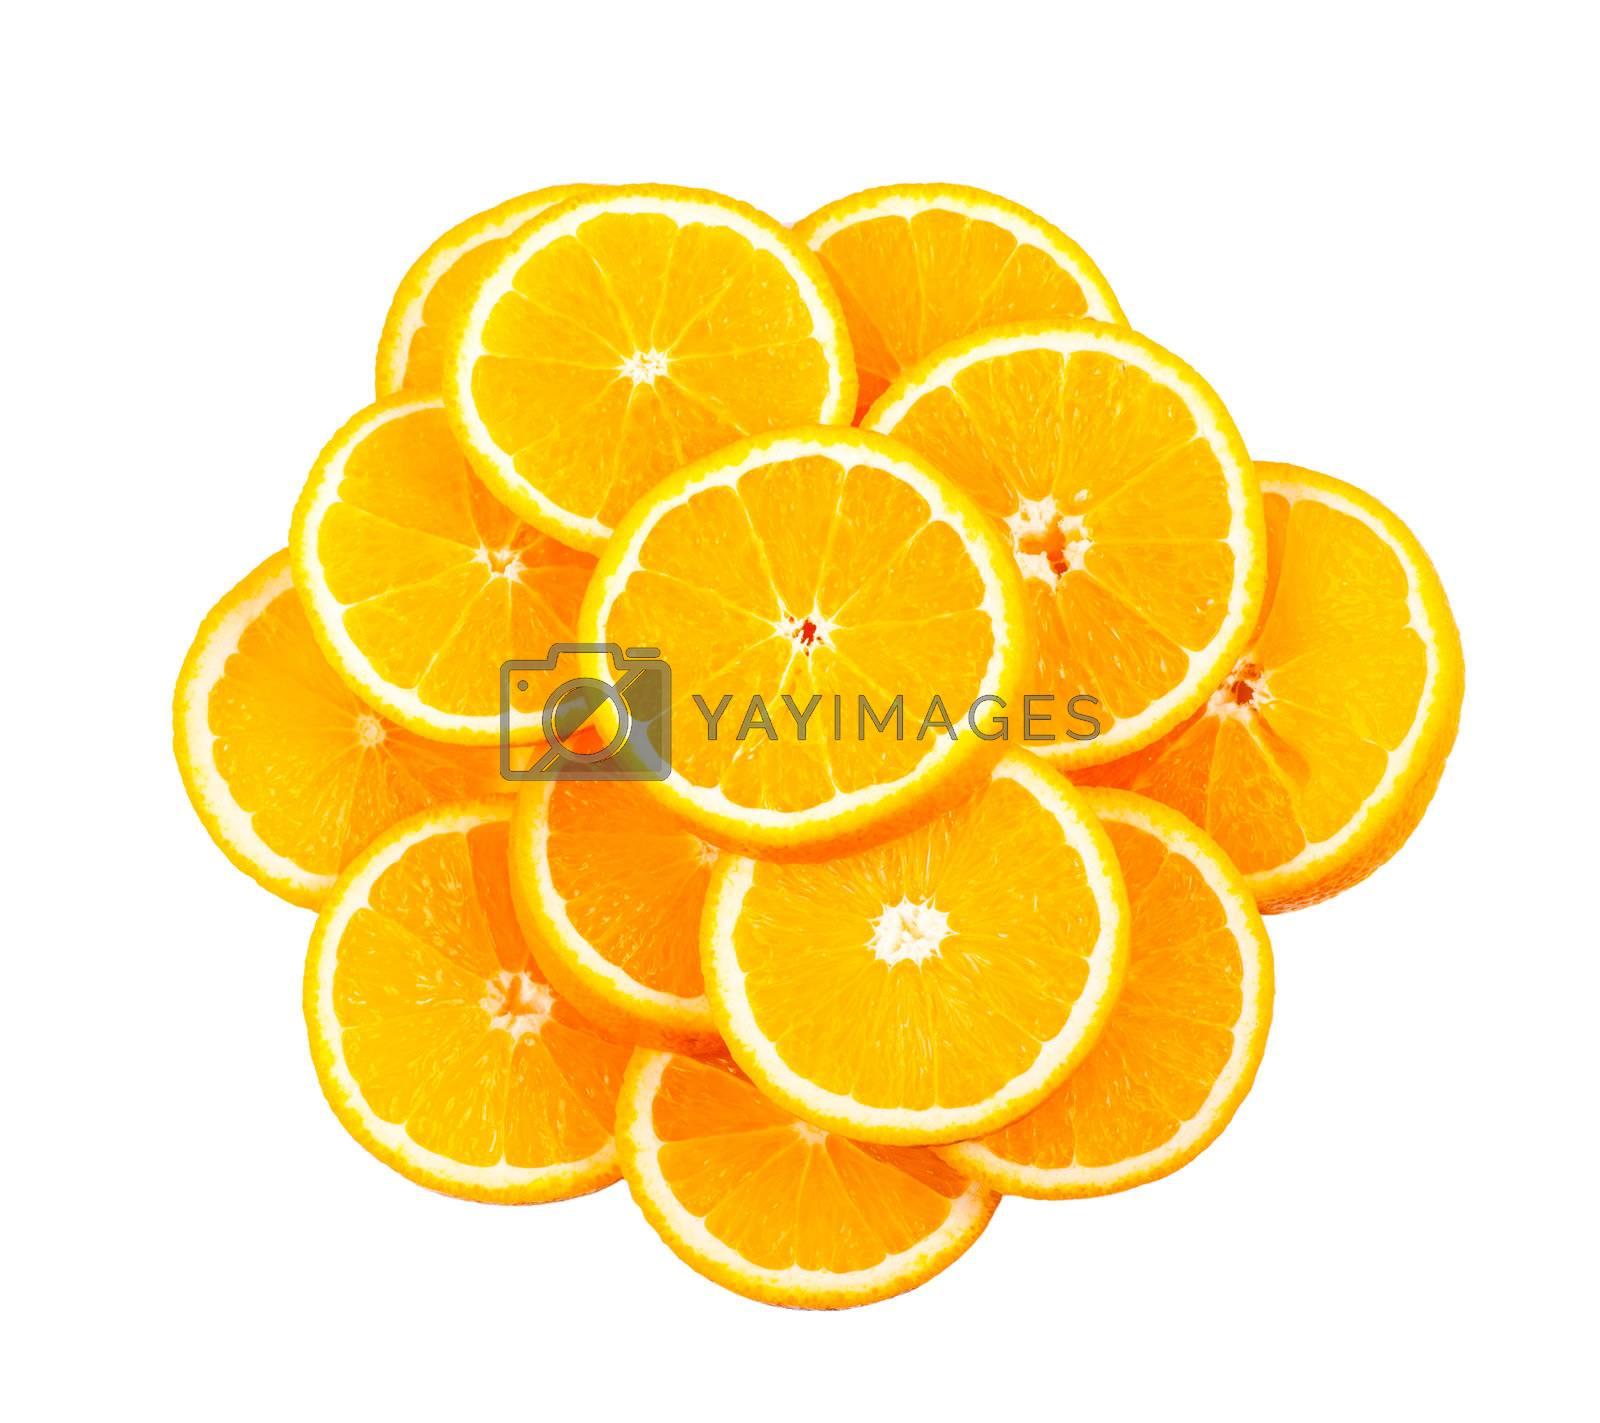 Fresh juicy orange slices isolated over white background